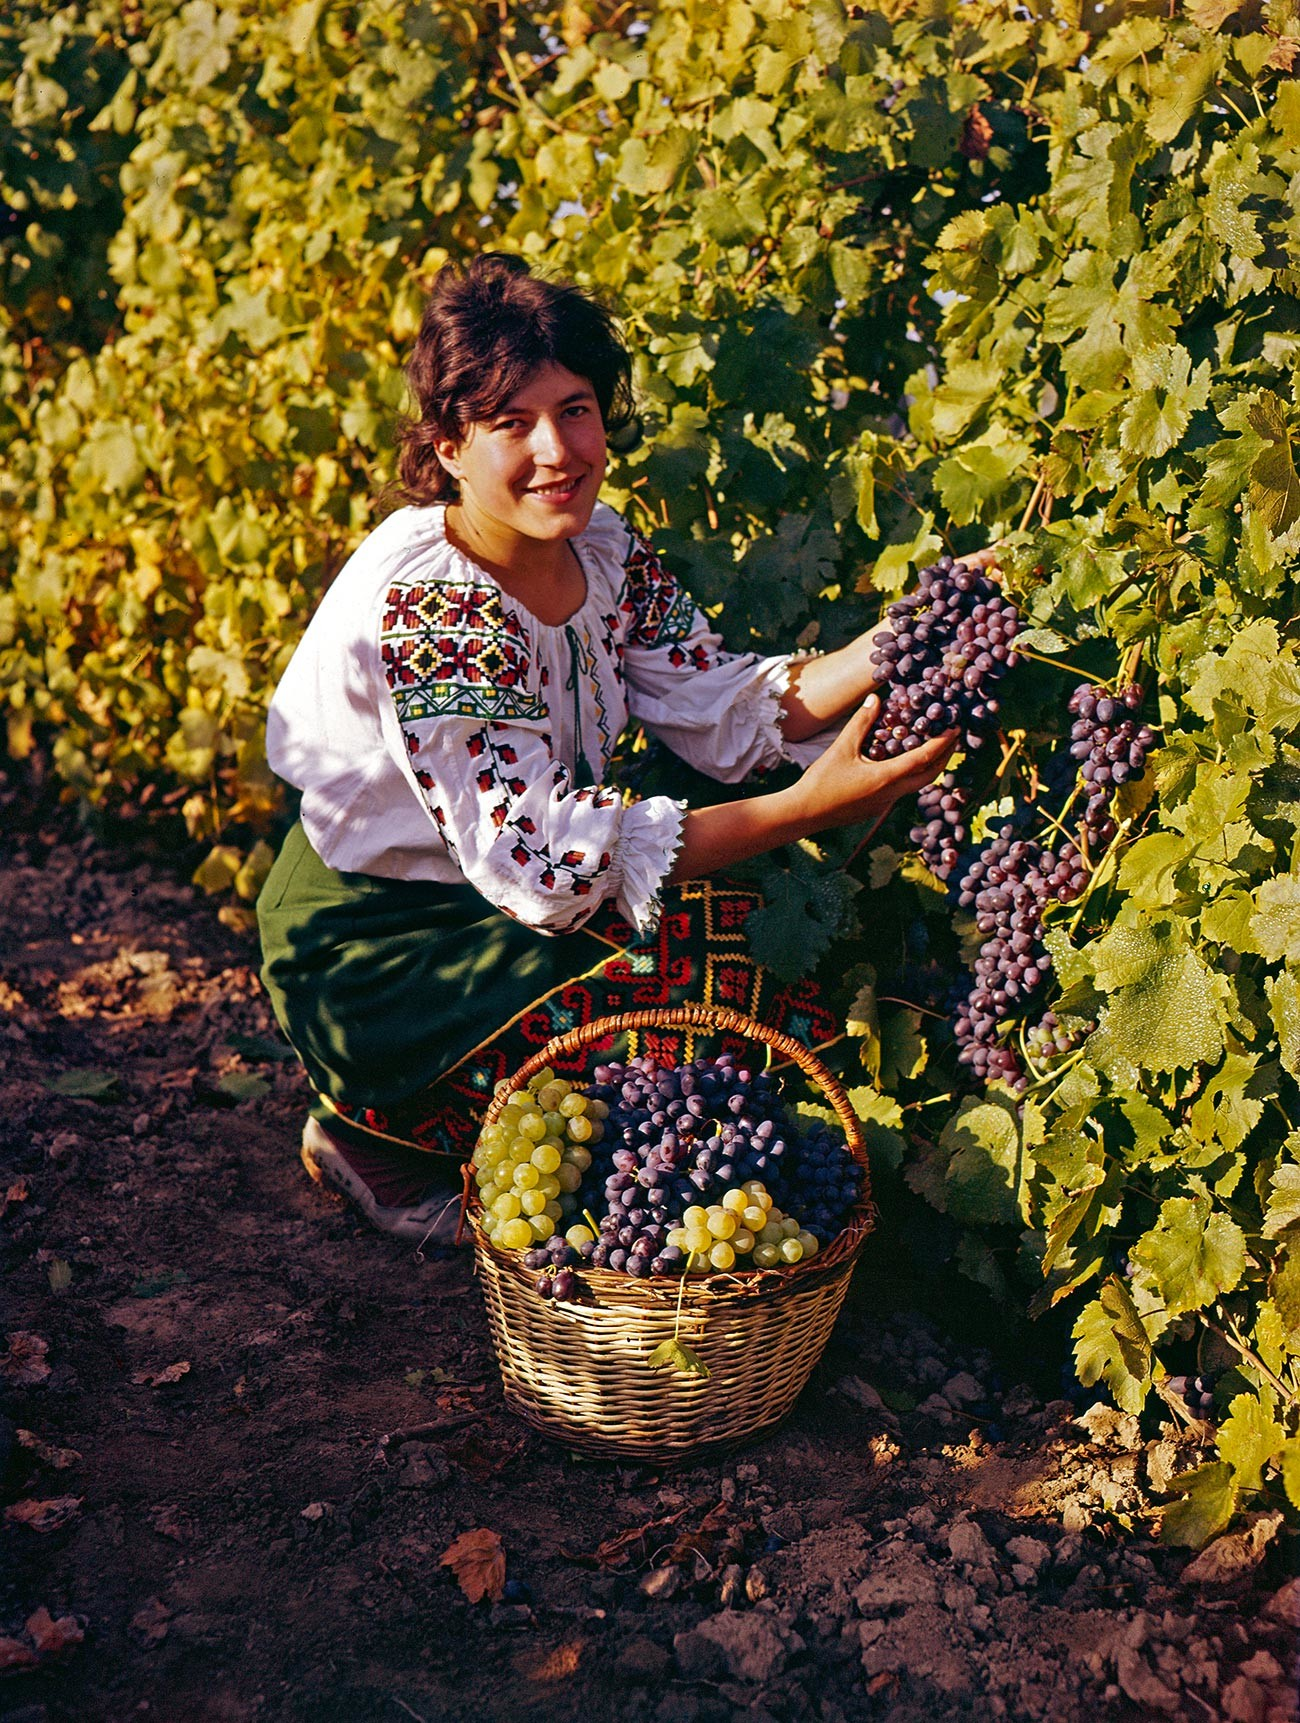 Събиране на грозде, 1972 г.